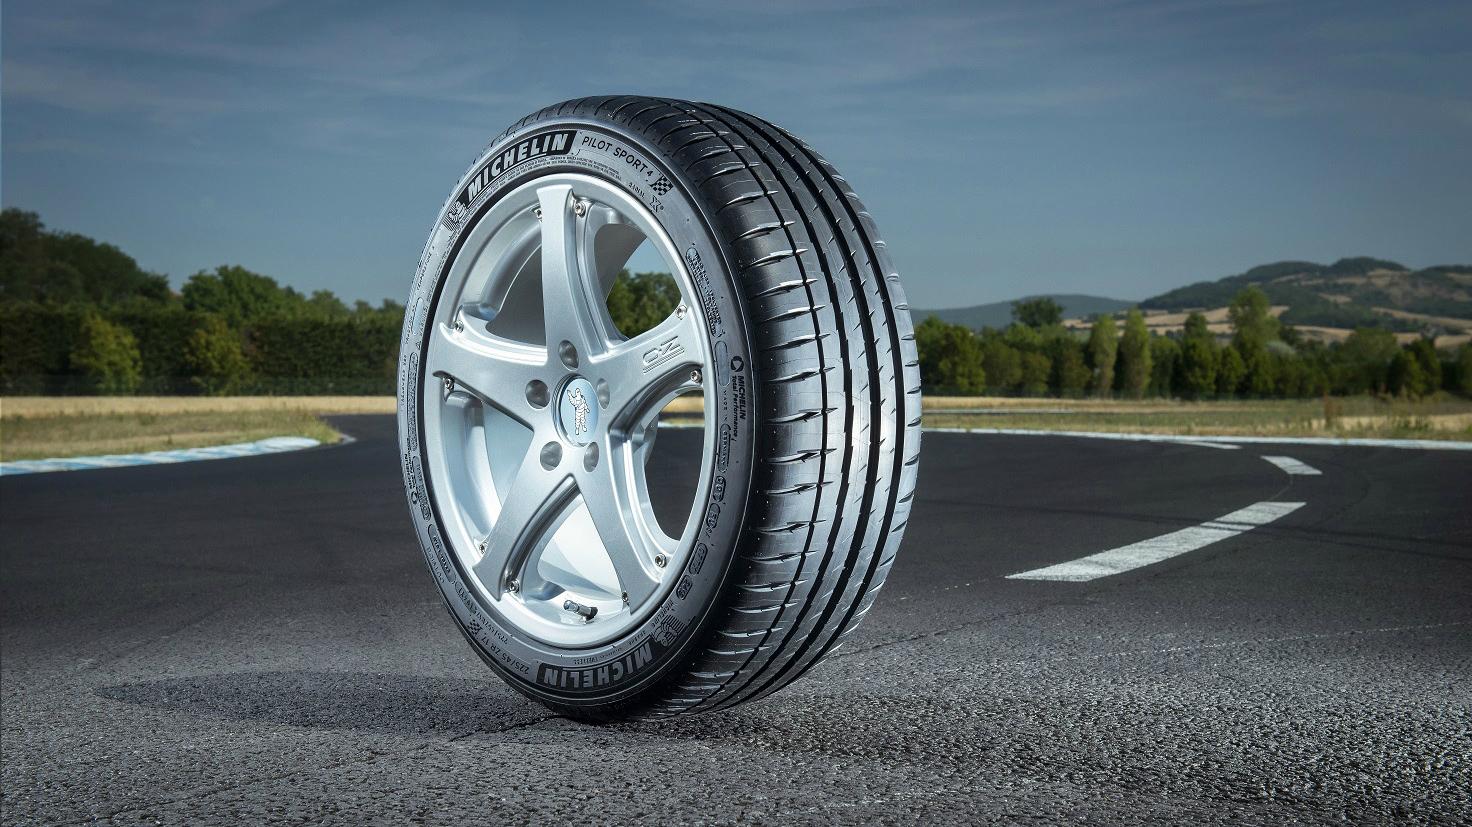 migliori pneumatici qualita prezzo